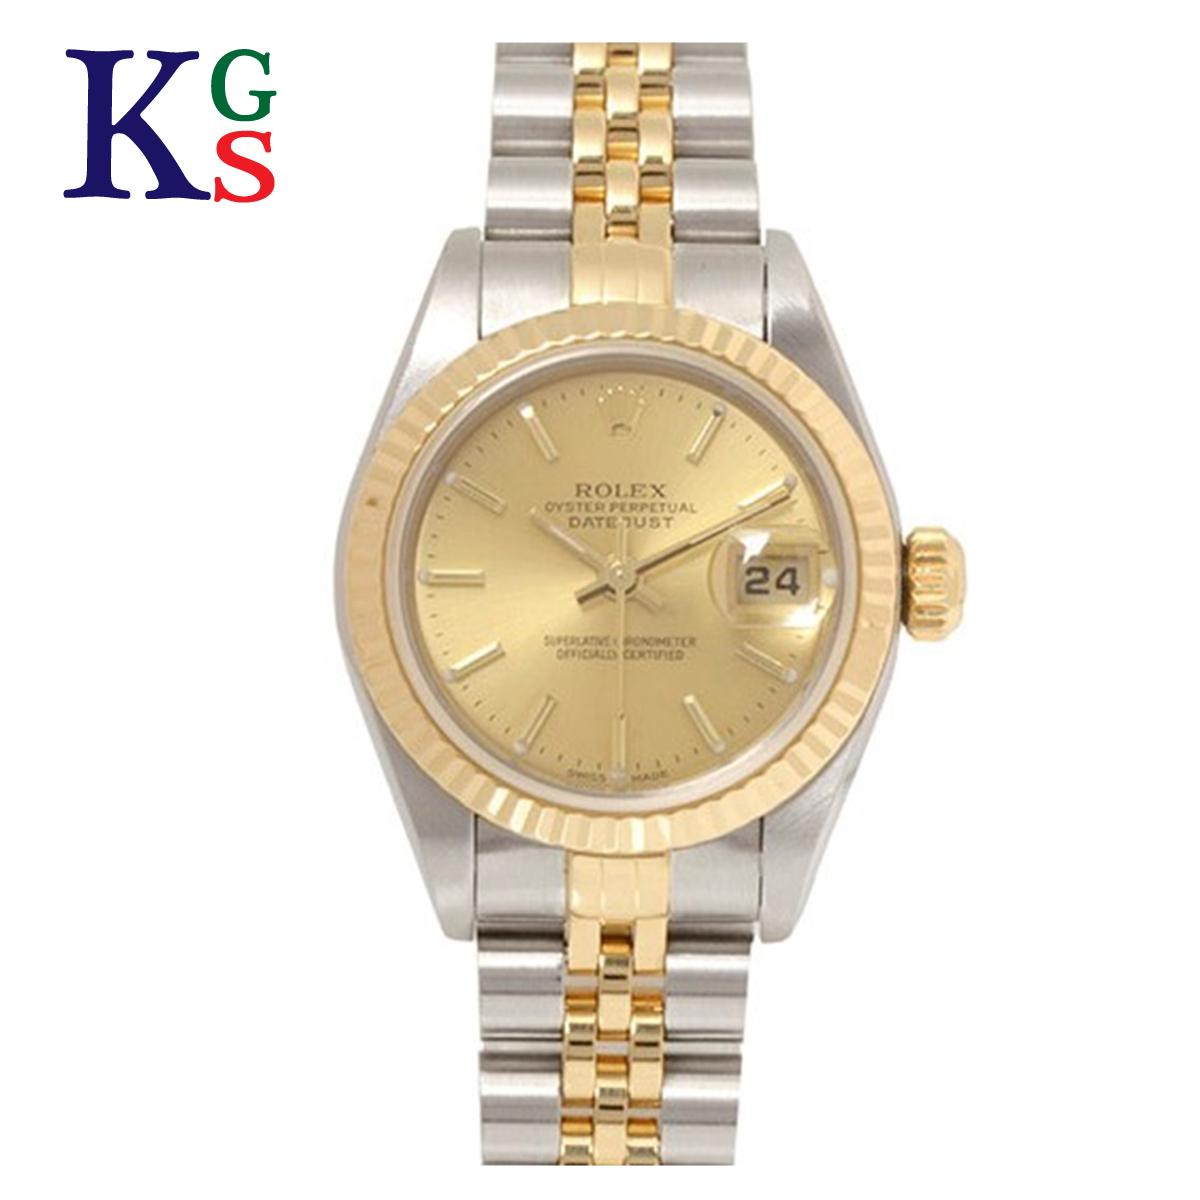 【ギフト品質】ロレックス/ROLEX レディース 腕時計 デイトジャスト 79173 オートマチック 自動巻き K18YG×SS